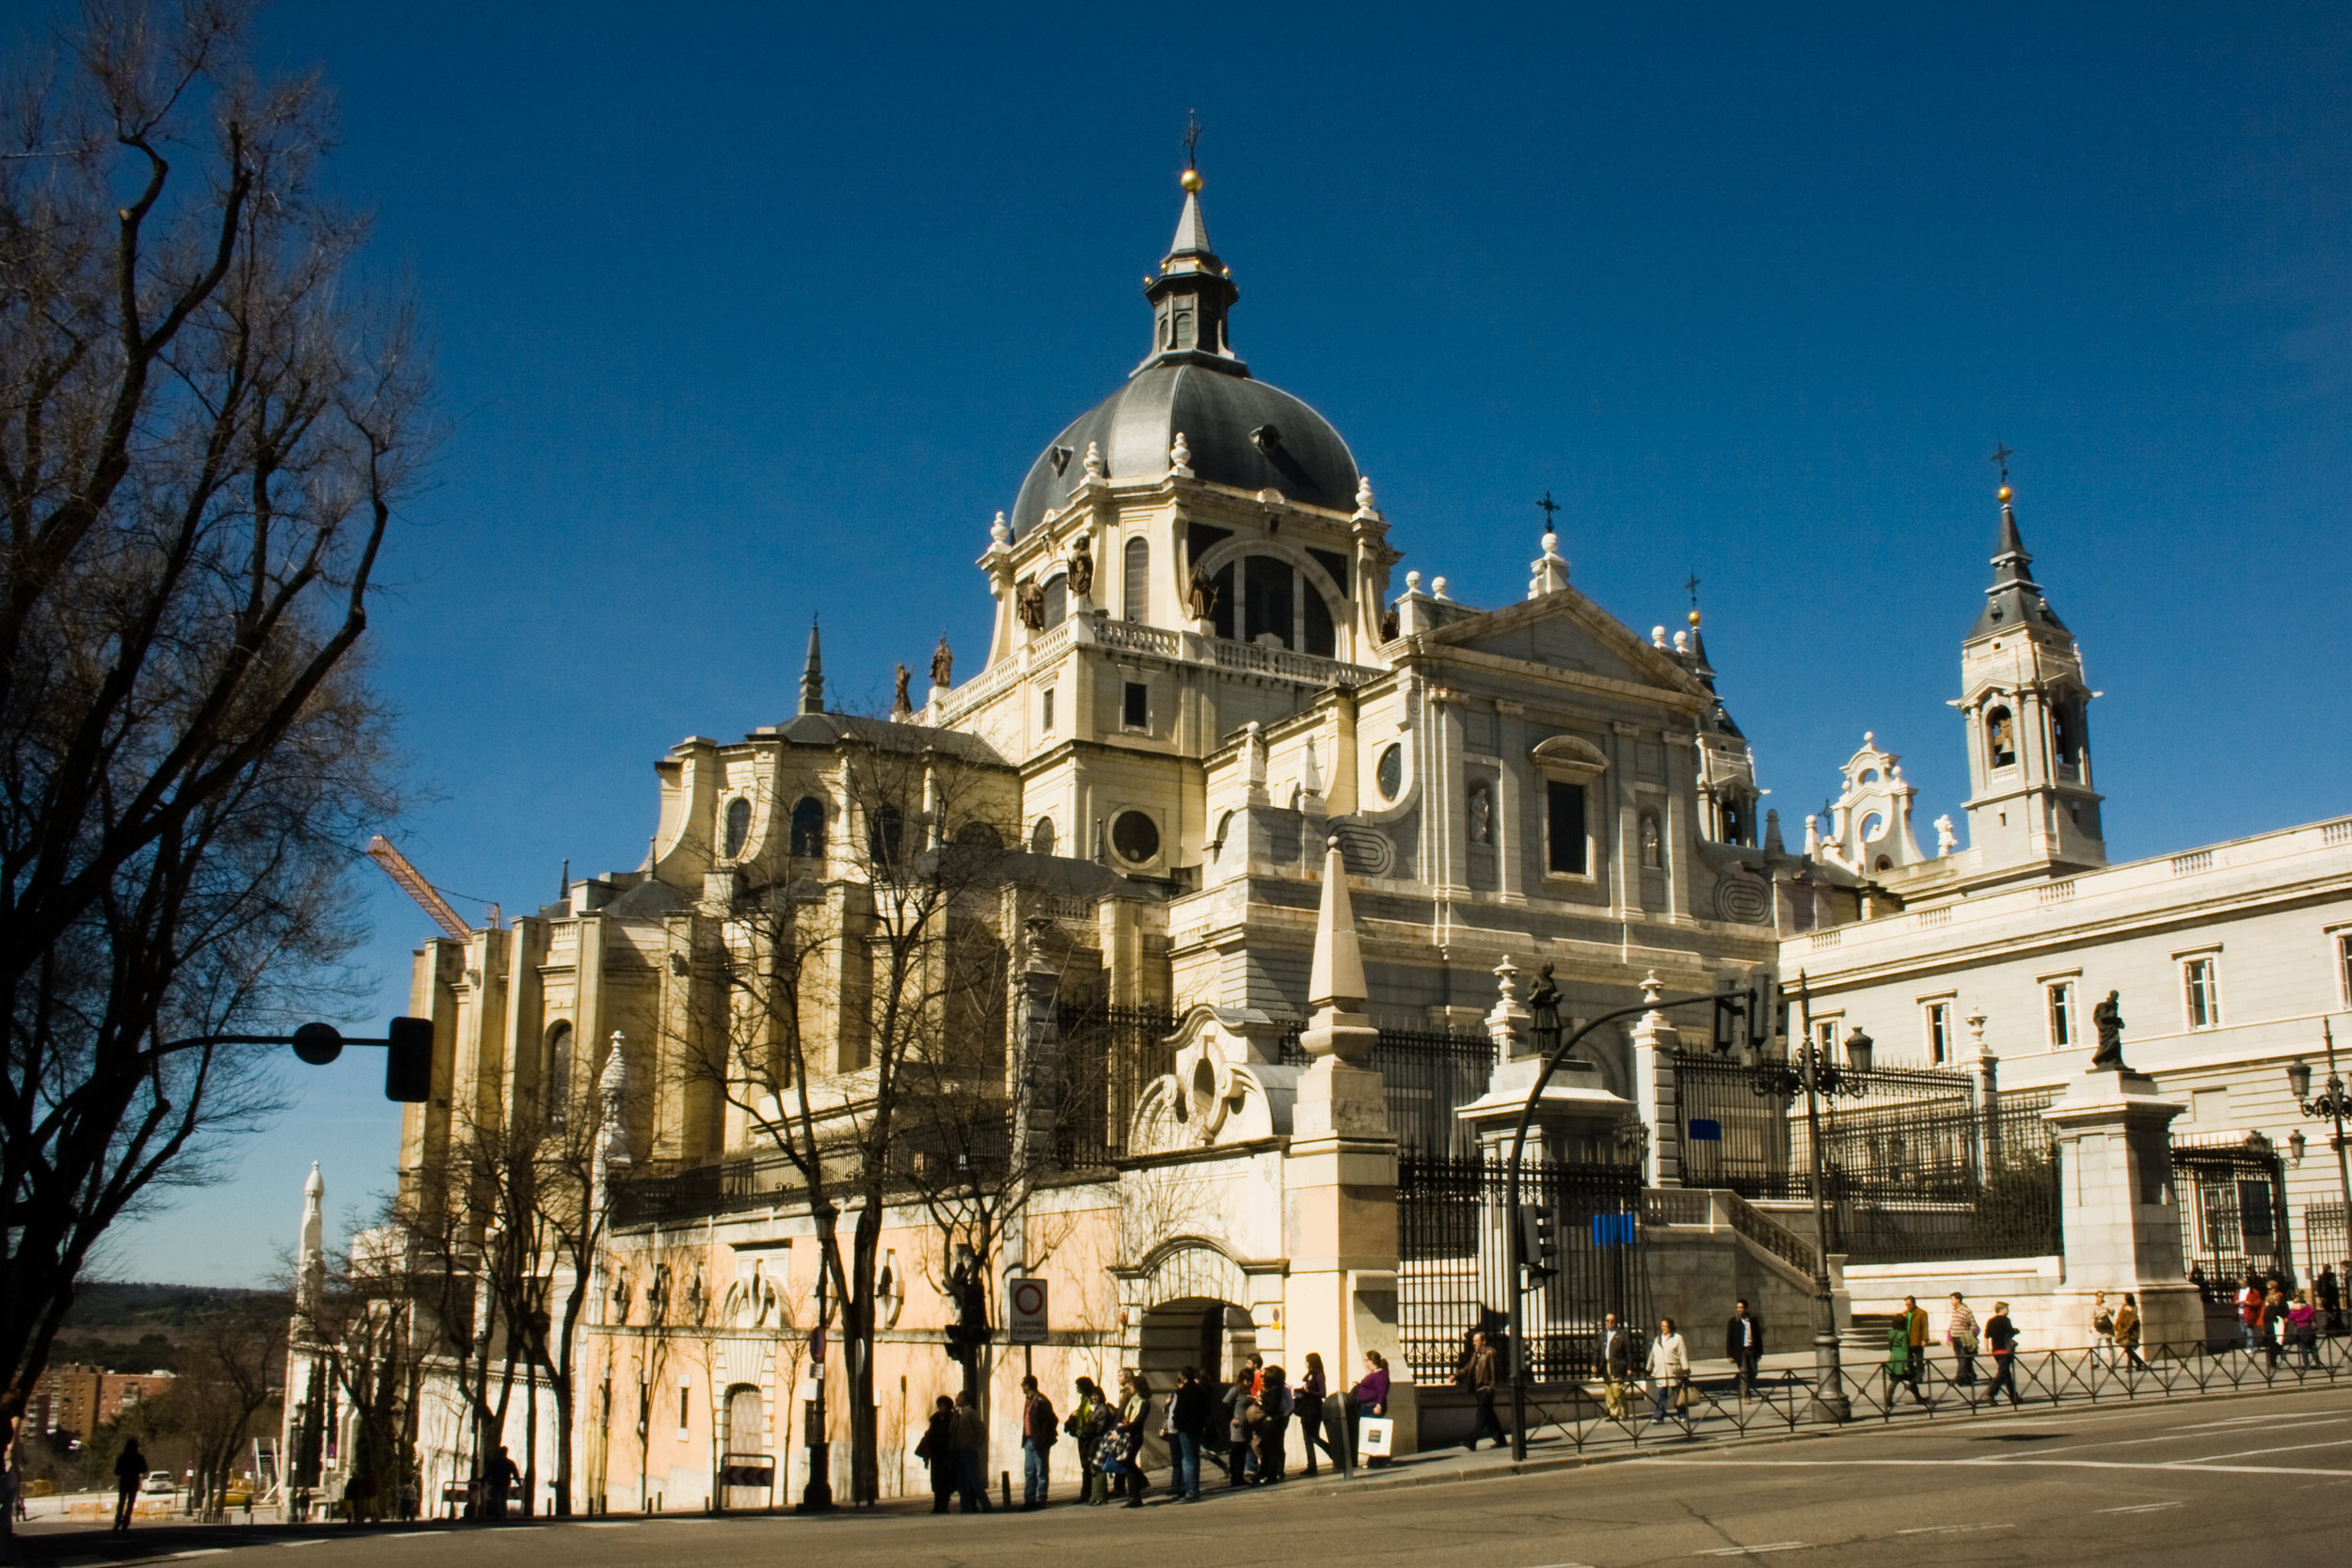 Catedral_de_la_Almudena_(Madrid)_15.jpg